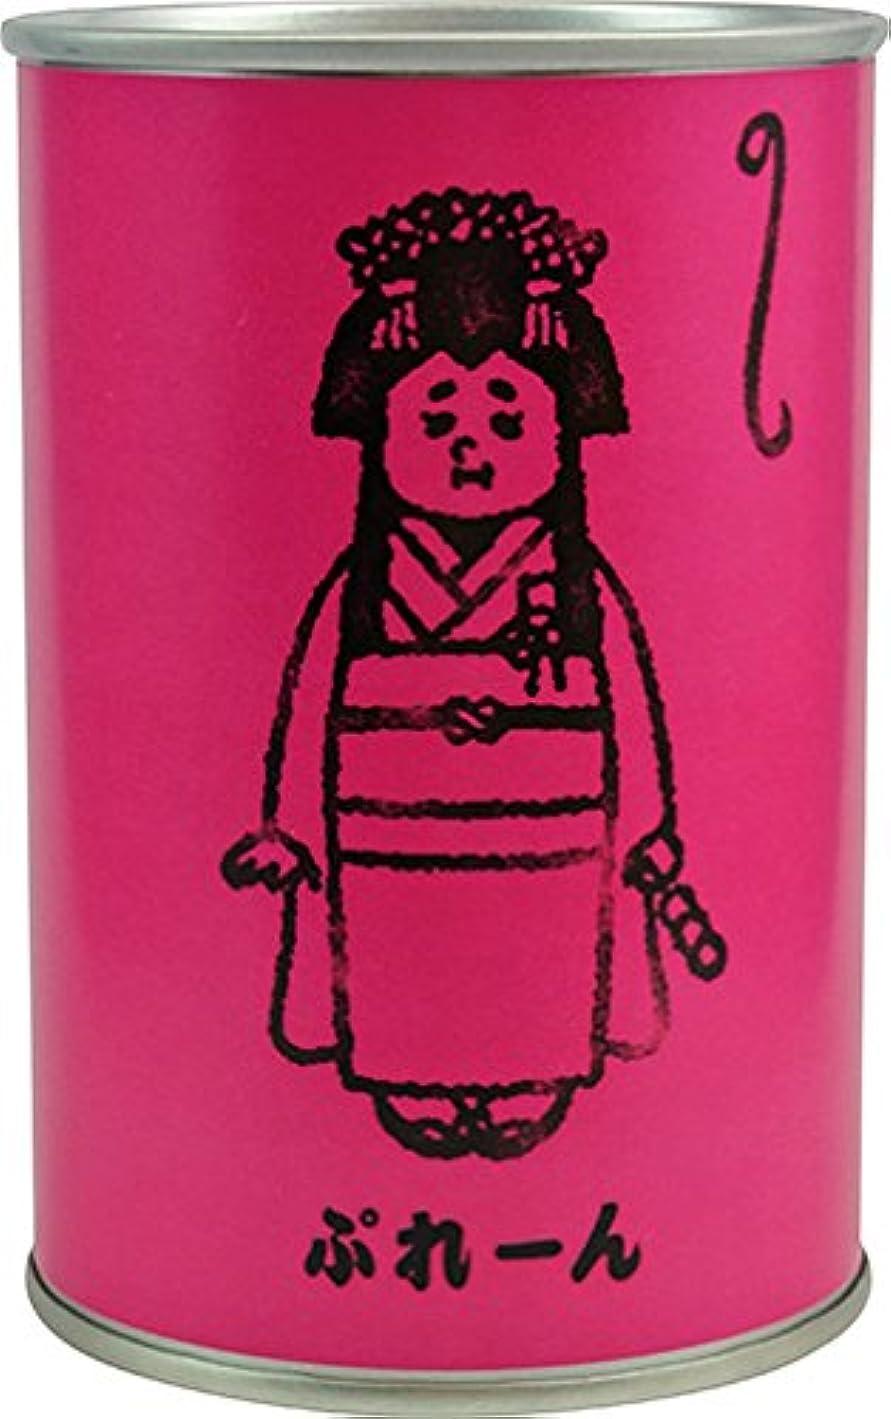 一致カレッジステレオ2コ入り パン缶 Terumi 姫様 チョコ